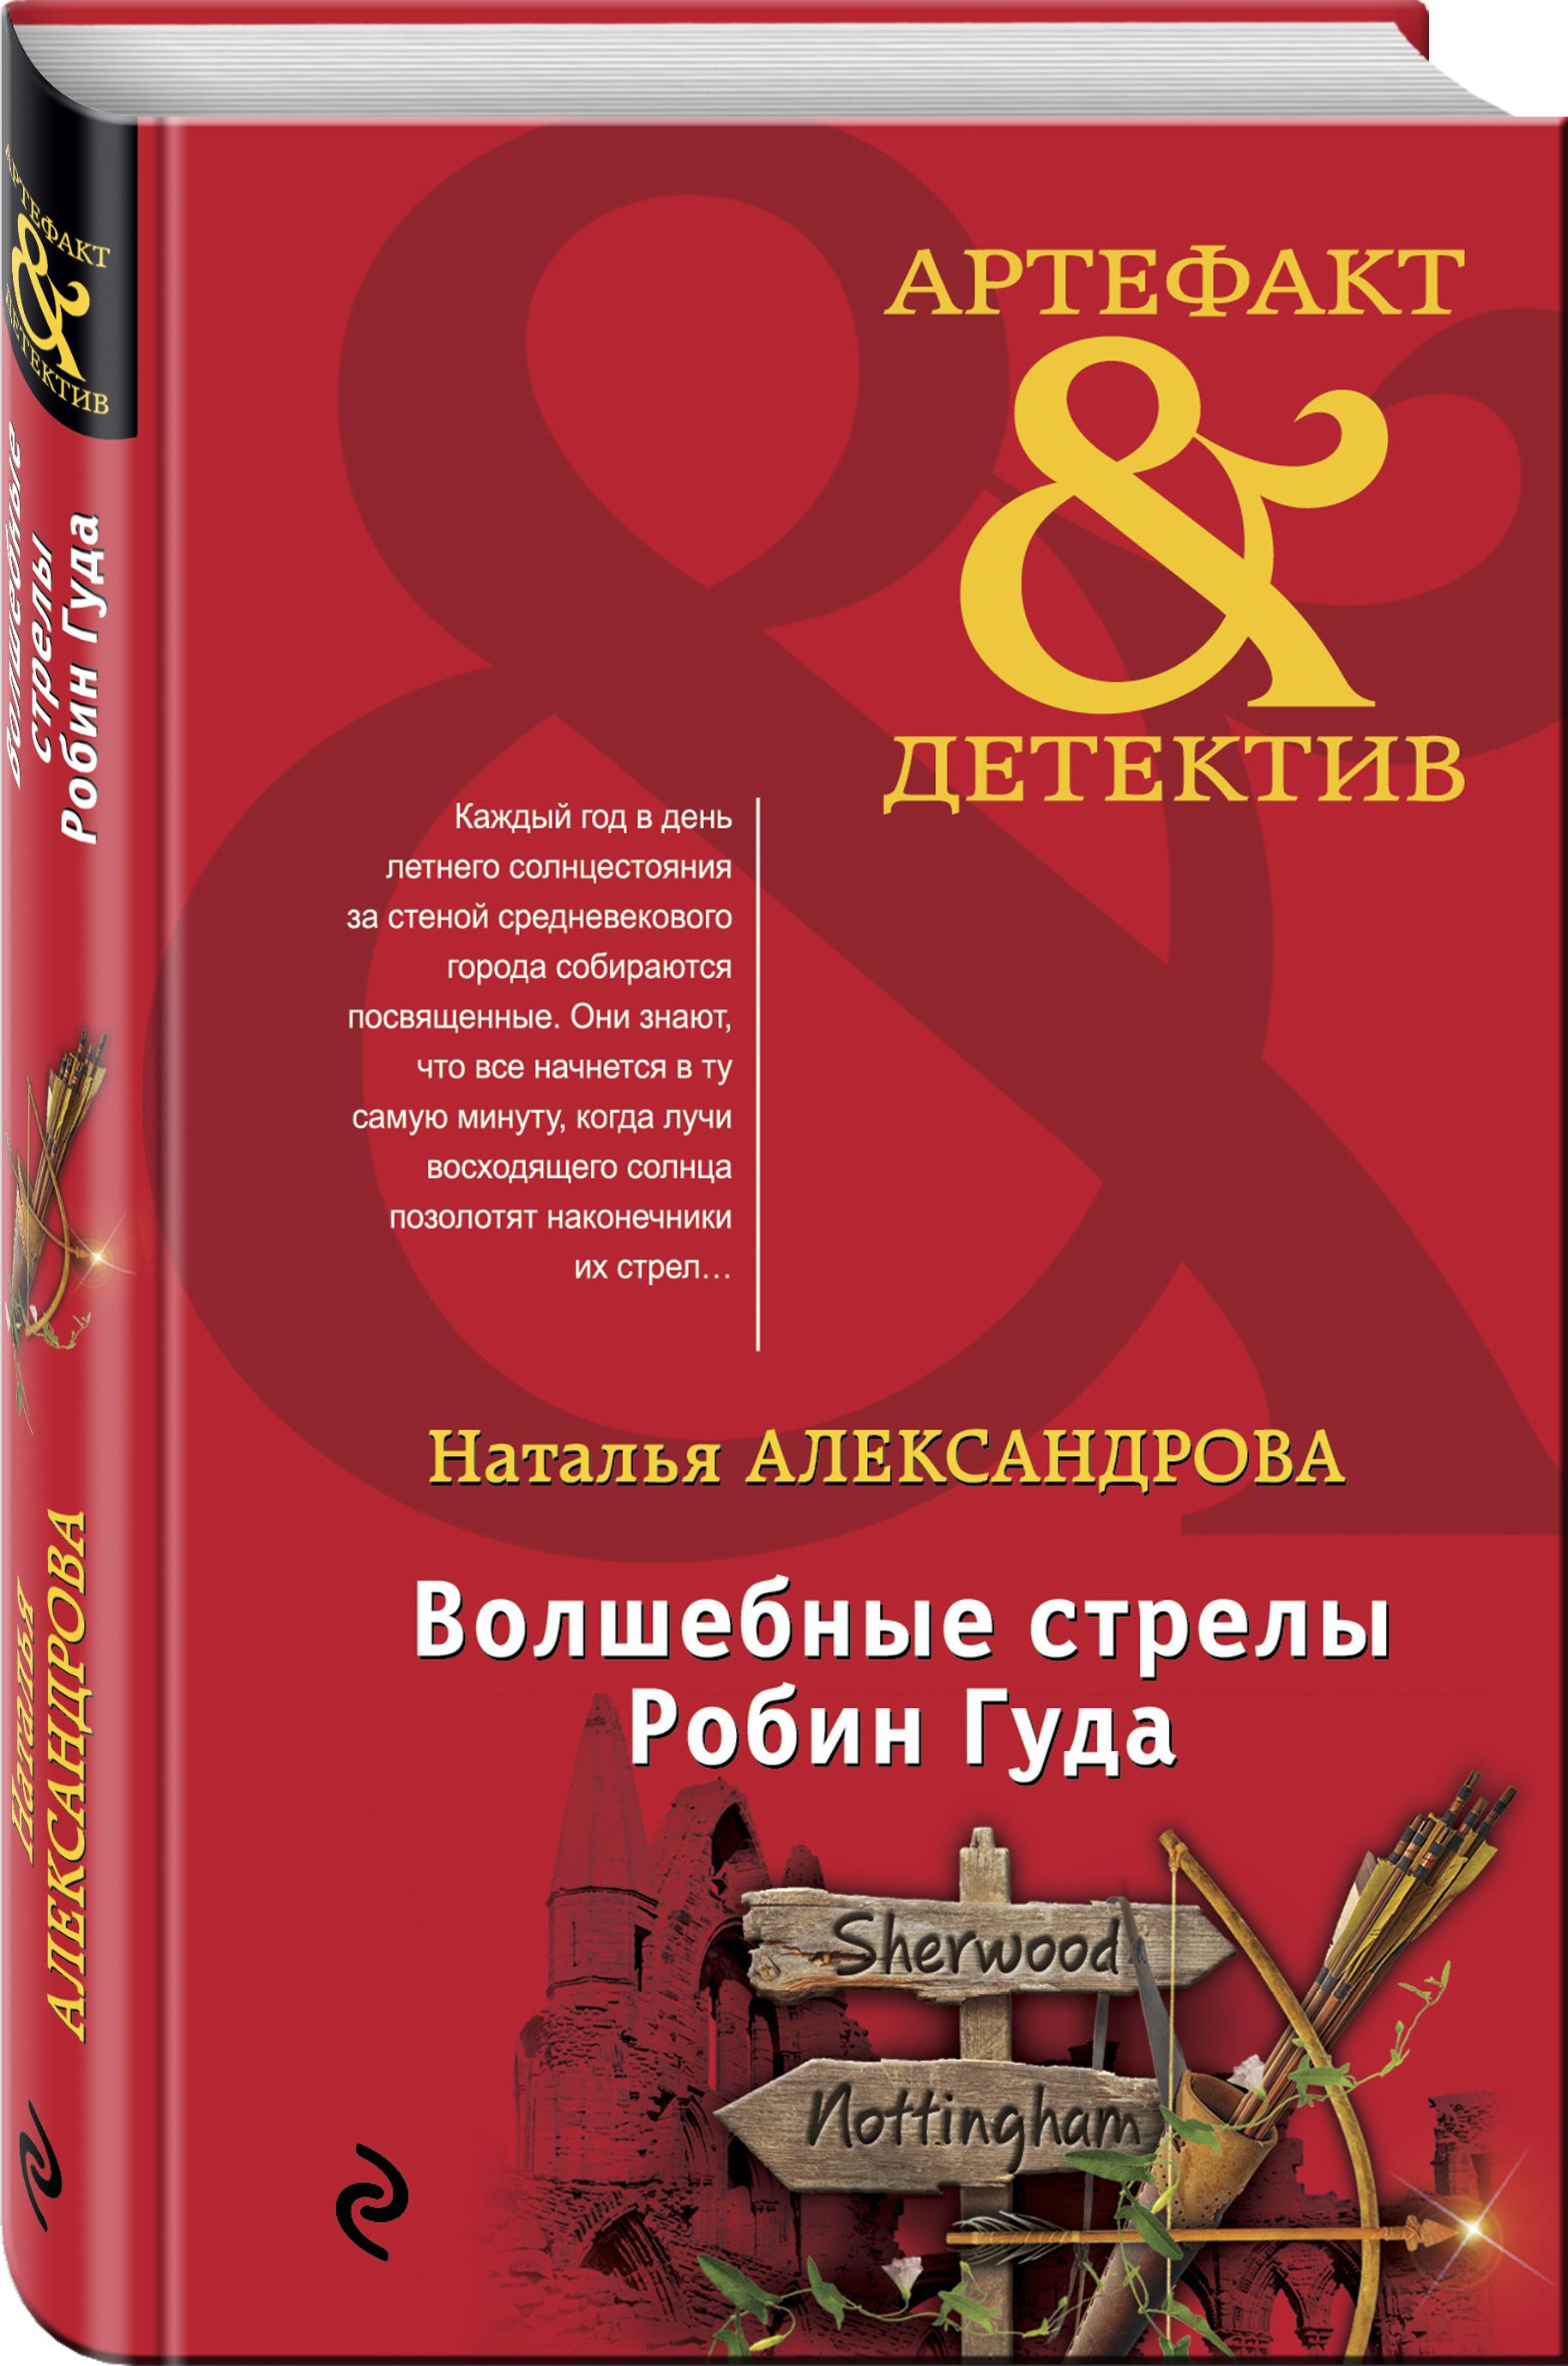 Александрова Н.Н. Волшебные стрелы Робин Гуда 10 легенд о робин гуде cdmp3